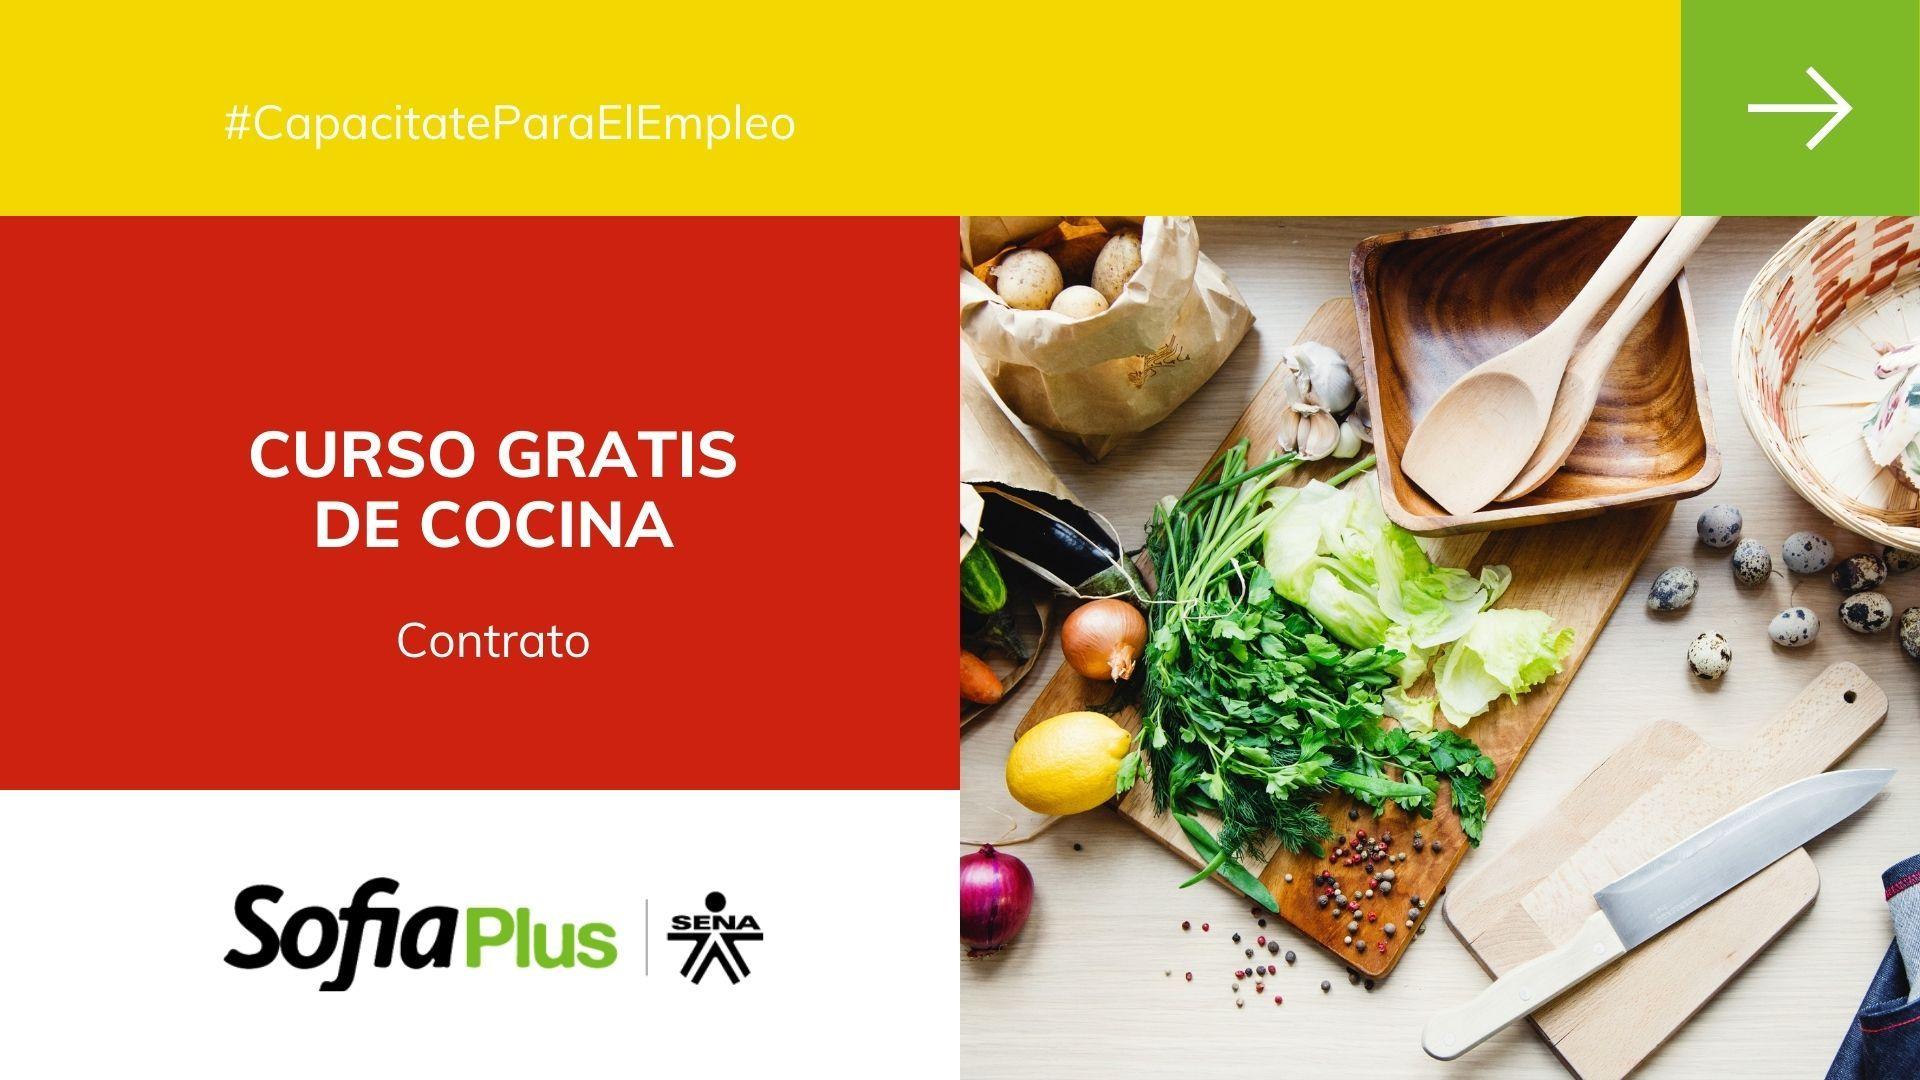 Curso gratis certificado de cocina